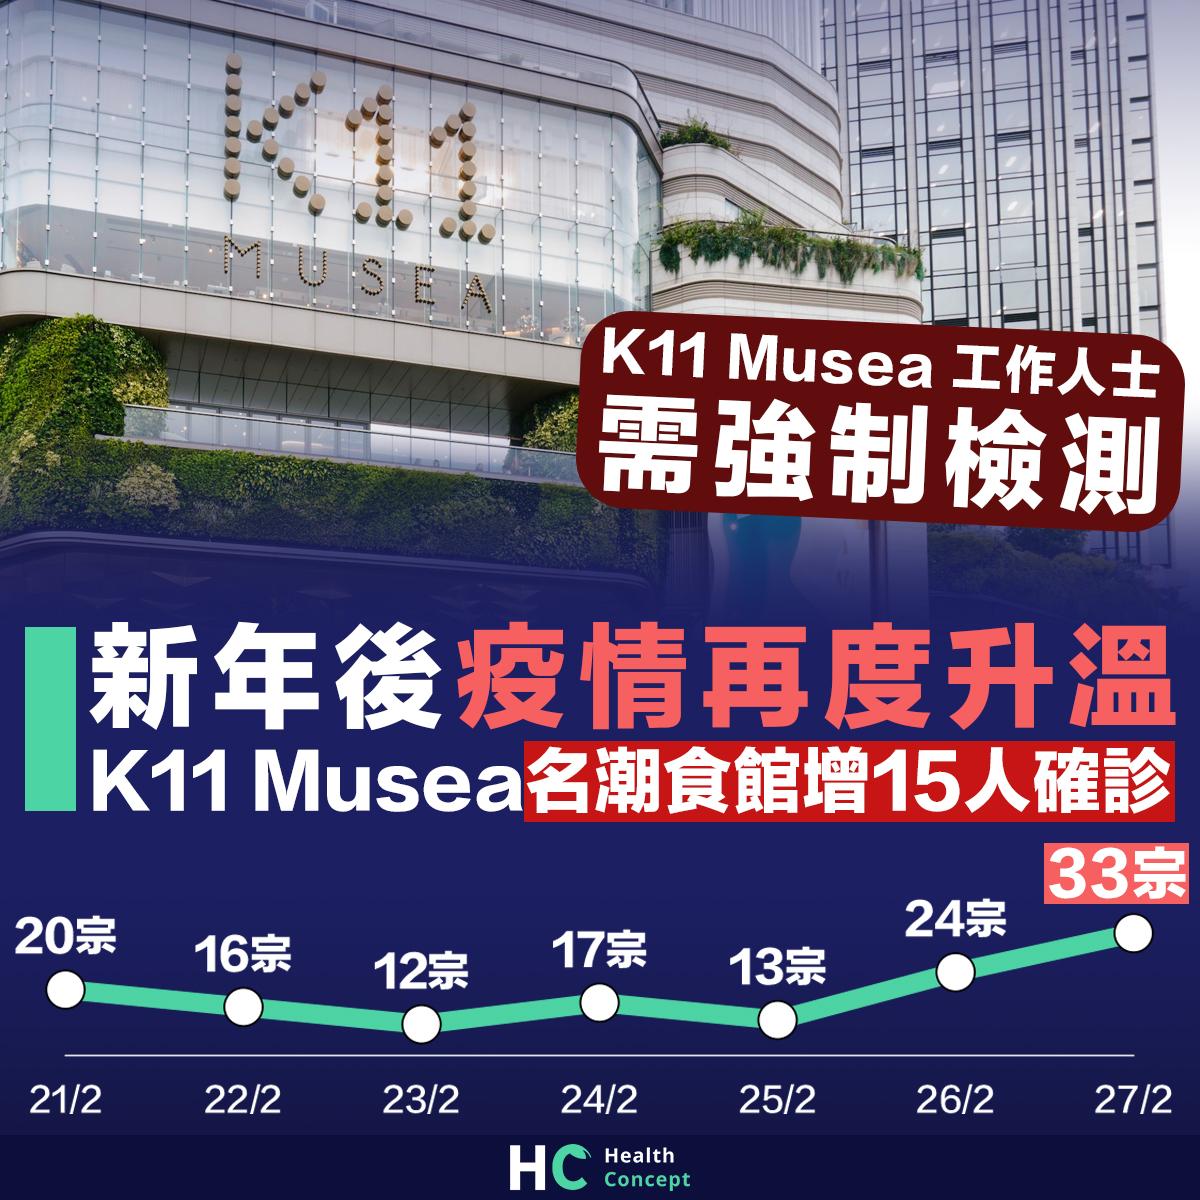 新年後疫情再度升溫 K11 Musea名潮食館增15人確診